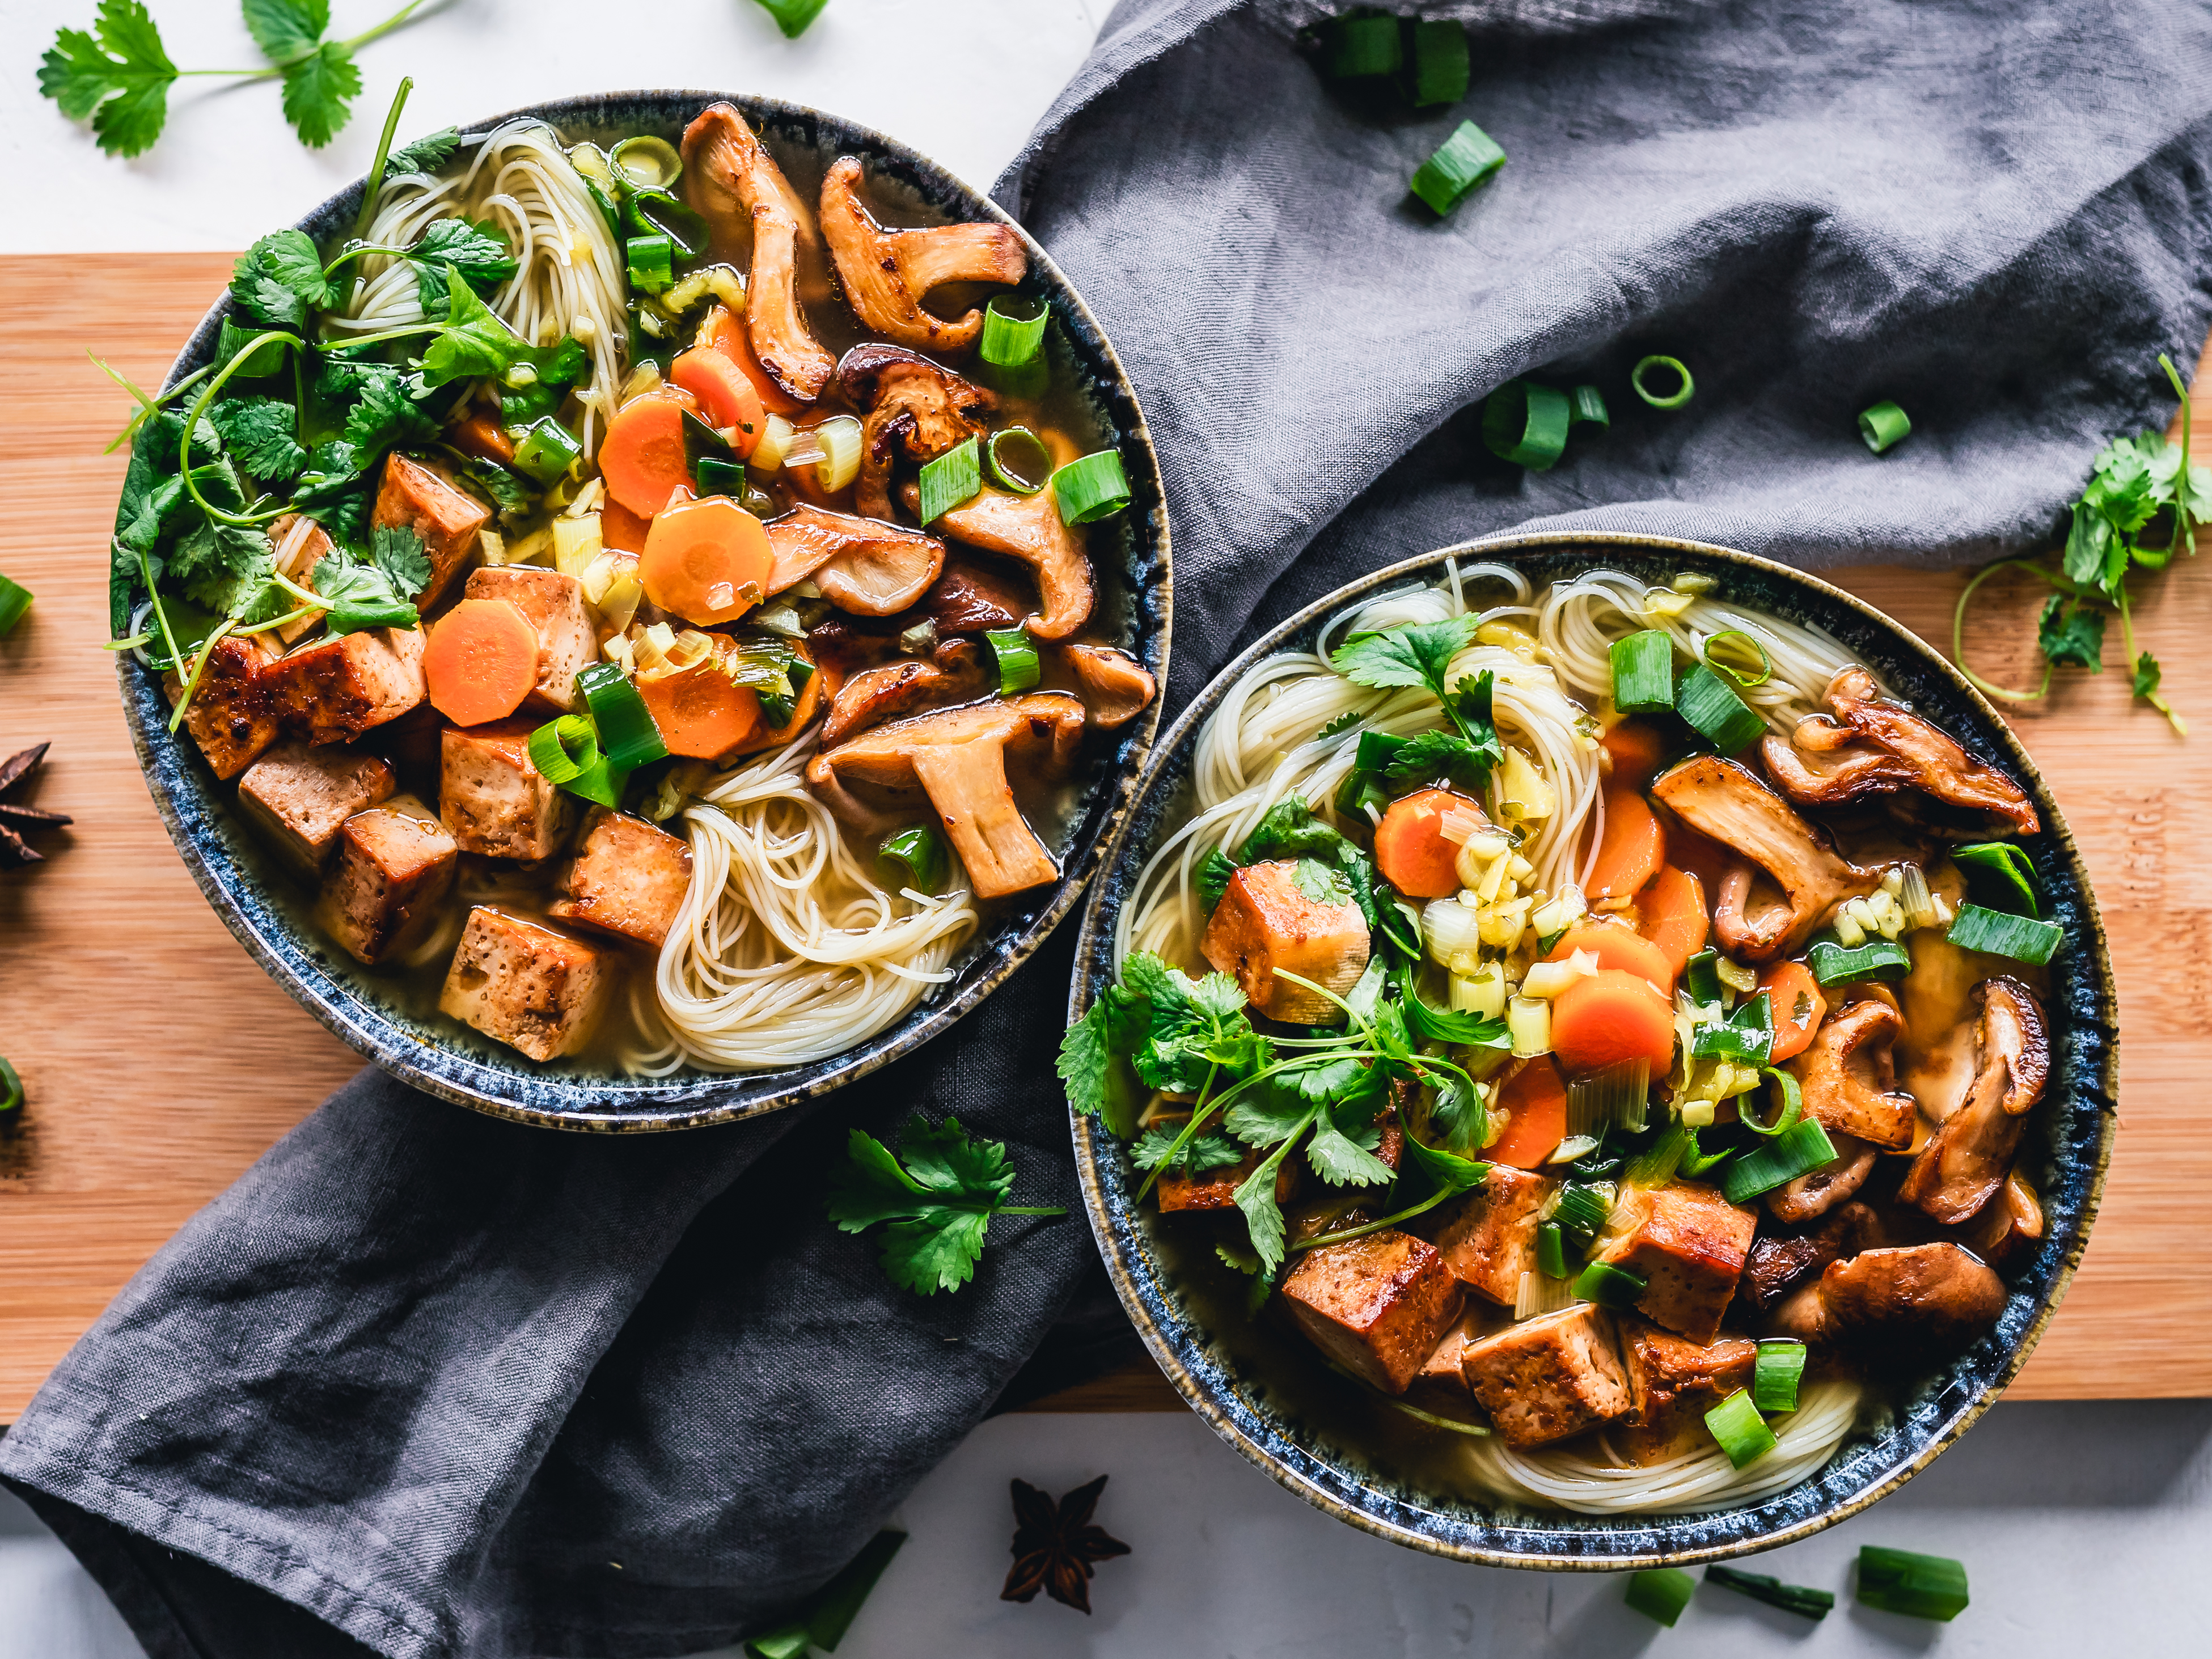 vegetable-salad-mushrooms